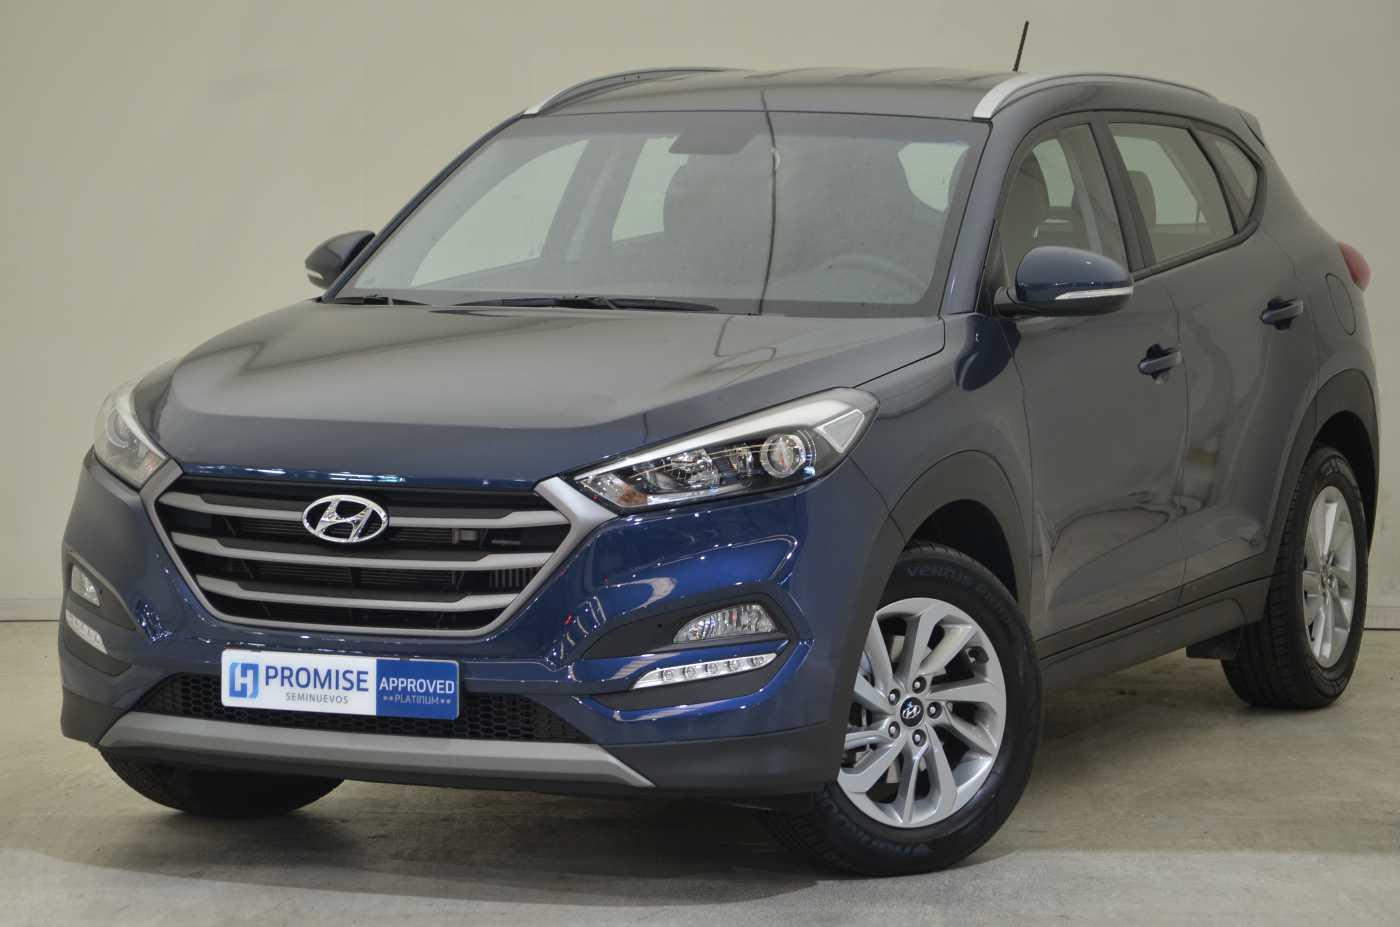 Hyundai-Tucson-5P GDI 1.6 131CV BD 4X2 25A